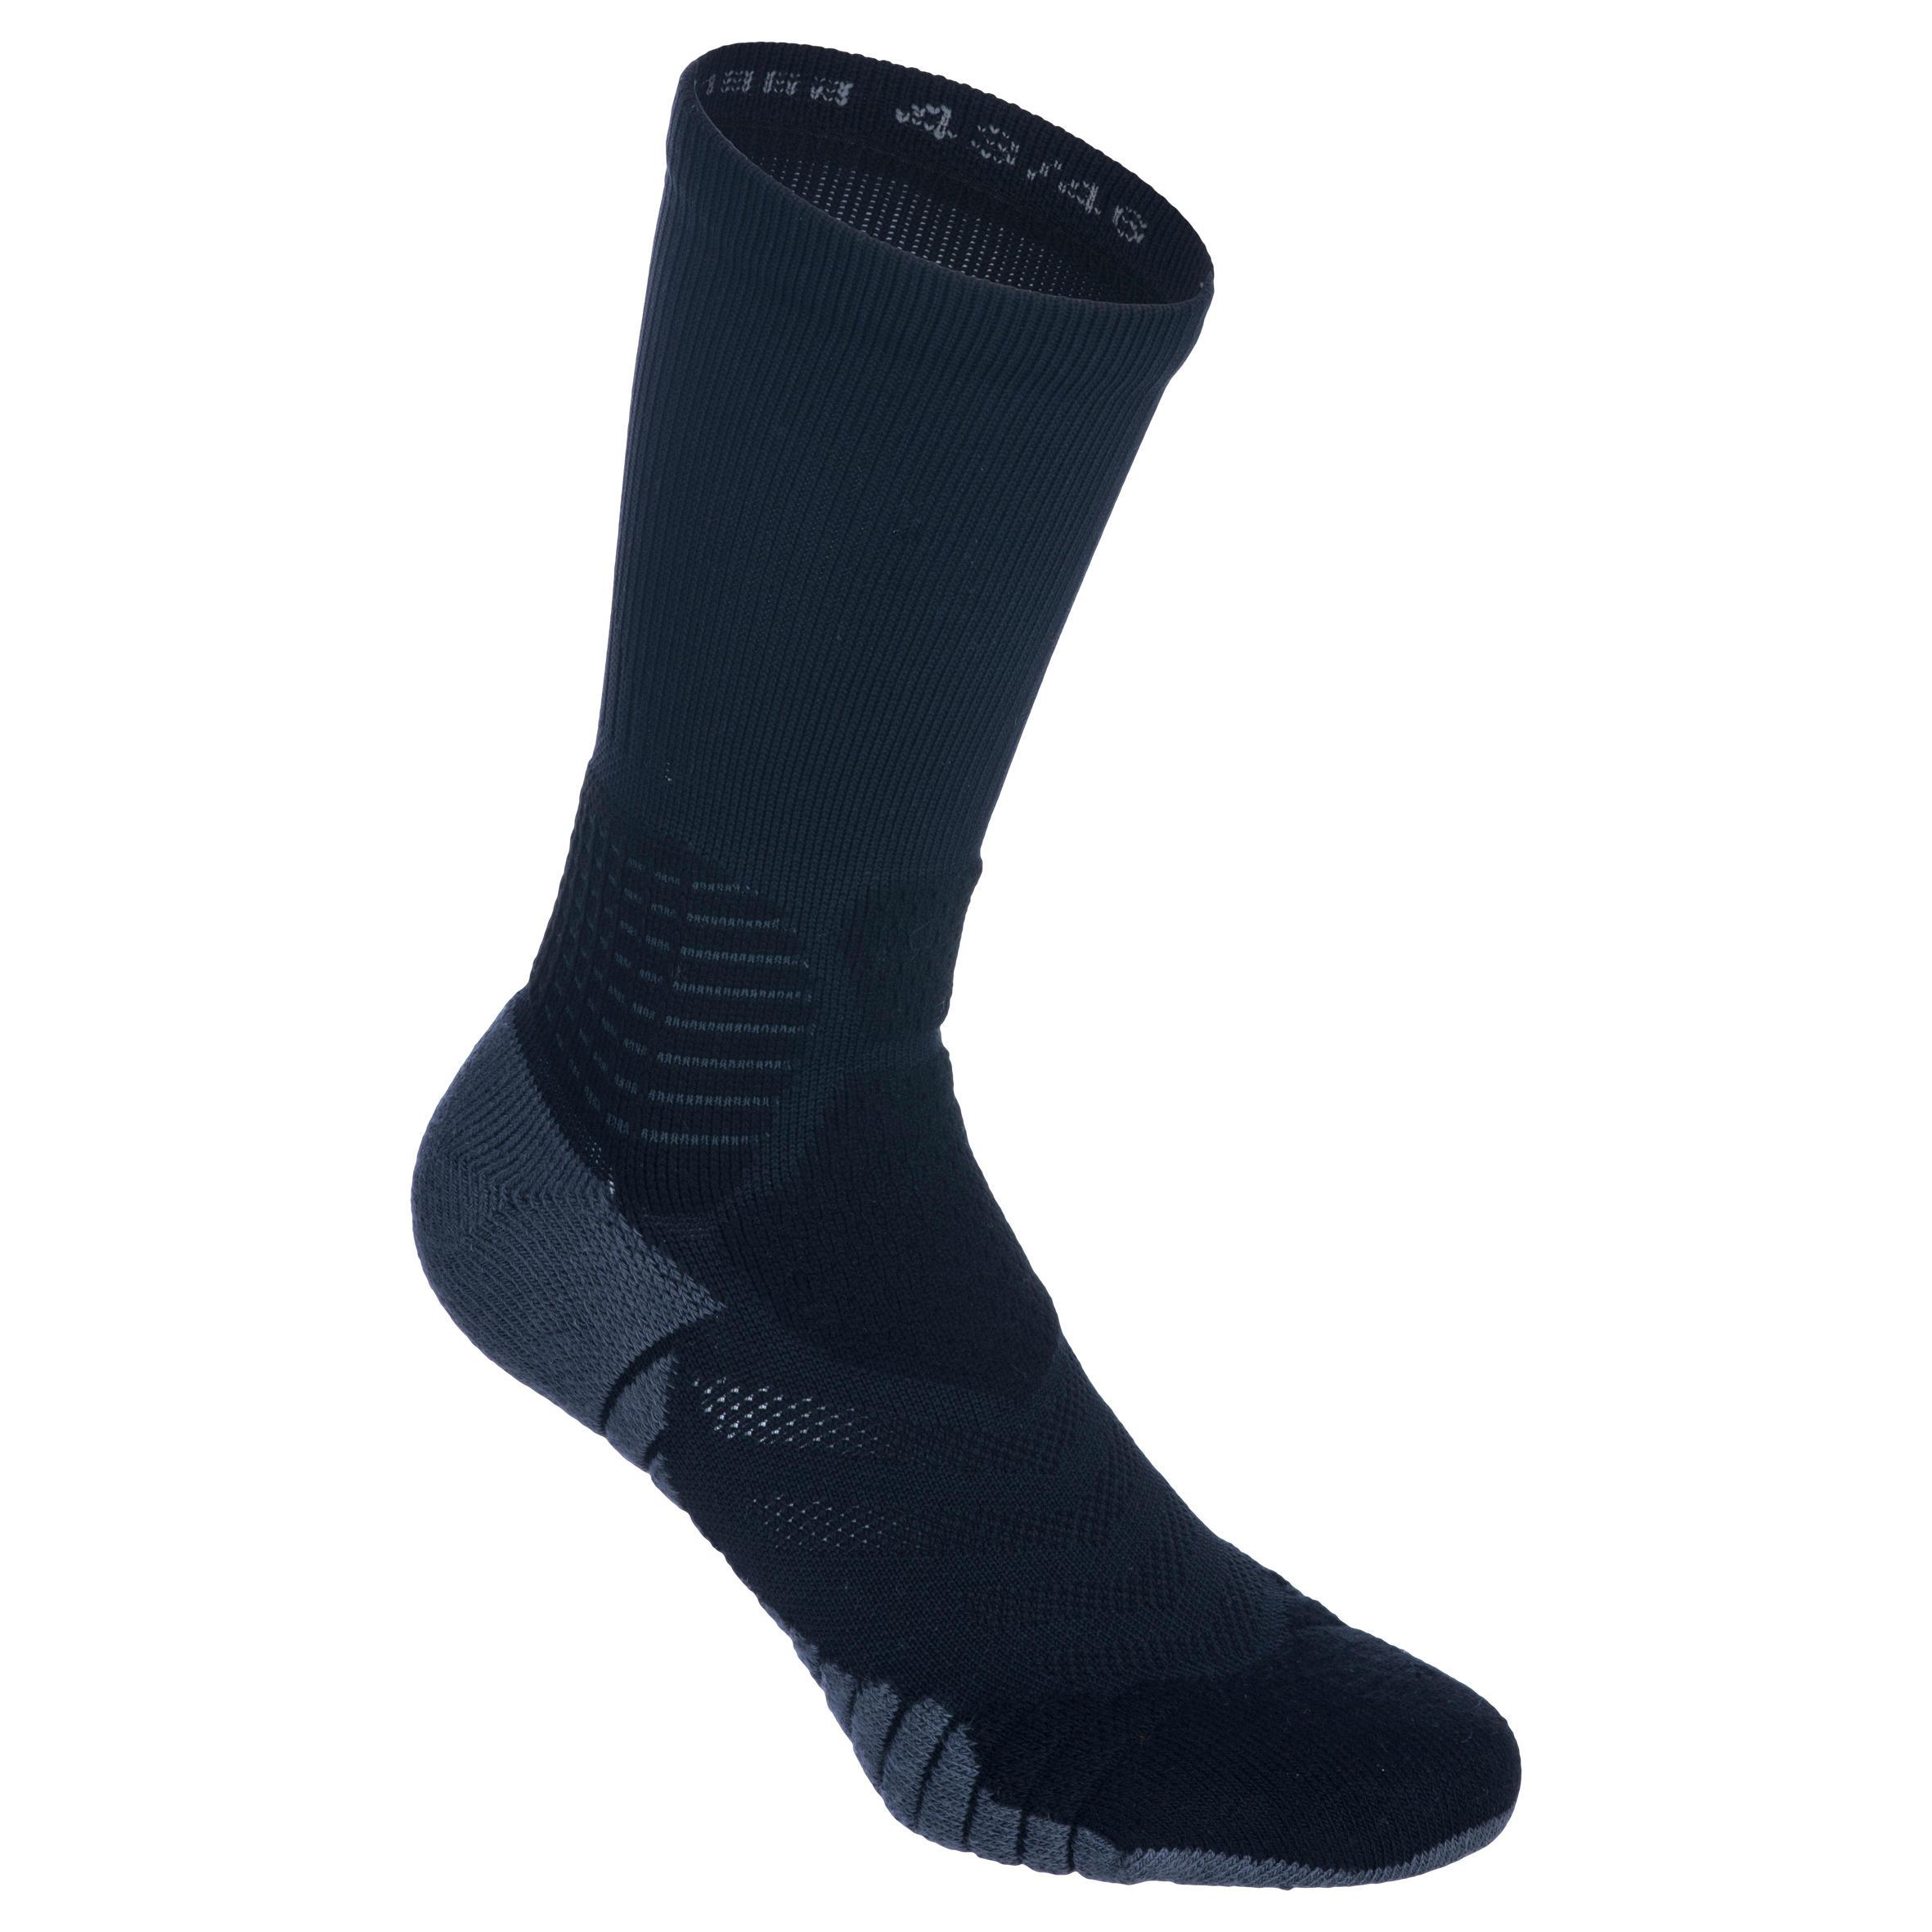 Tarmak Basketbalsokken voor ervaren heren/dames SO900 mid zwart grijs